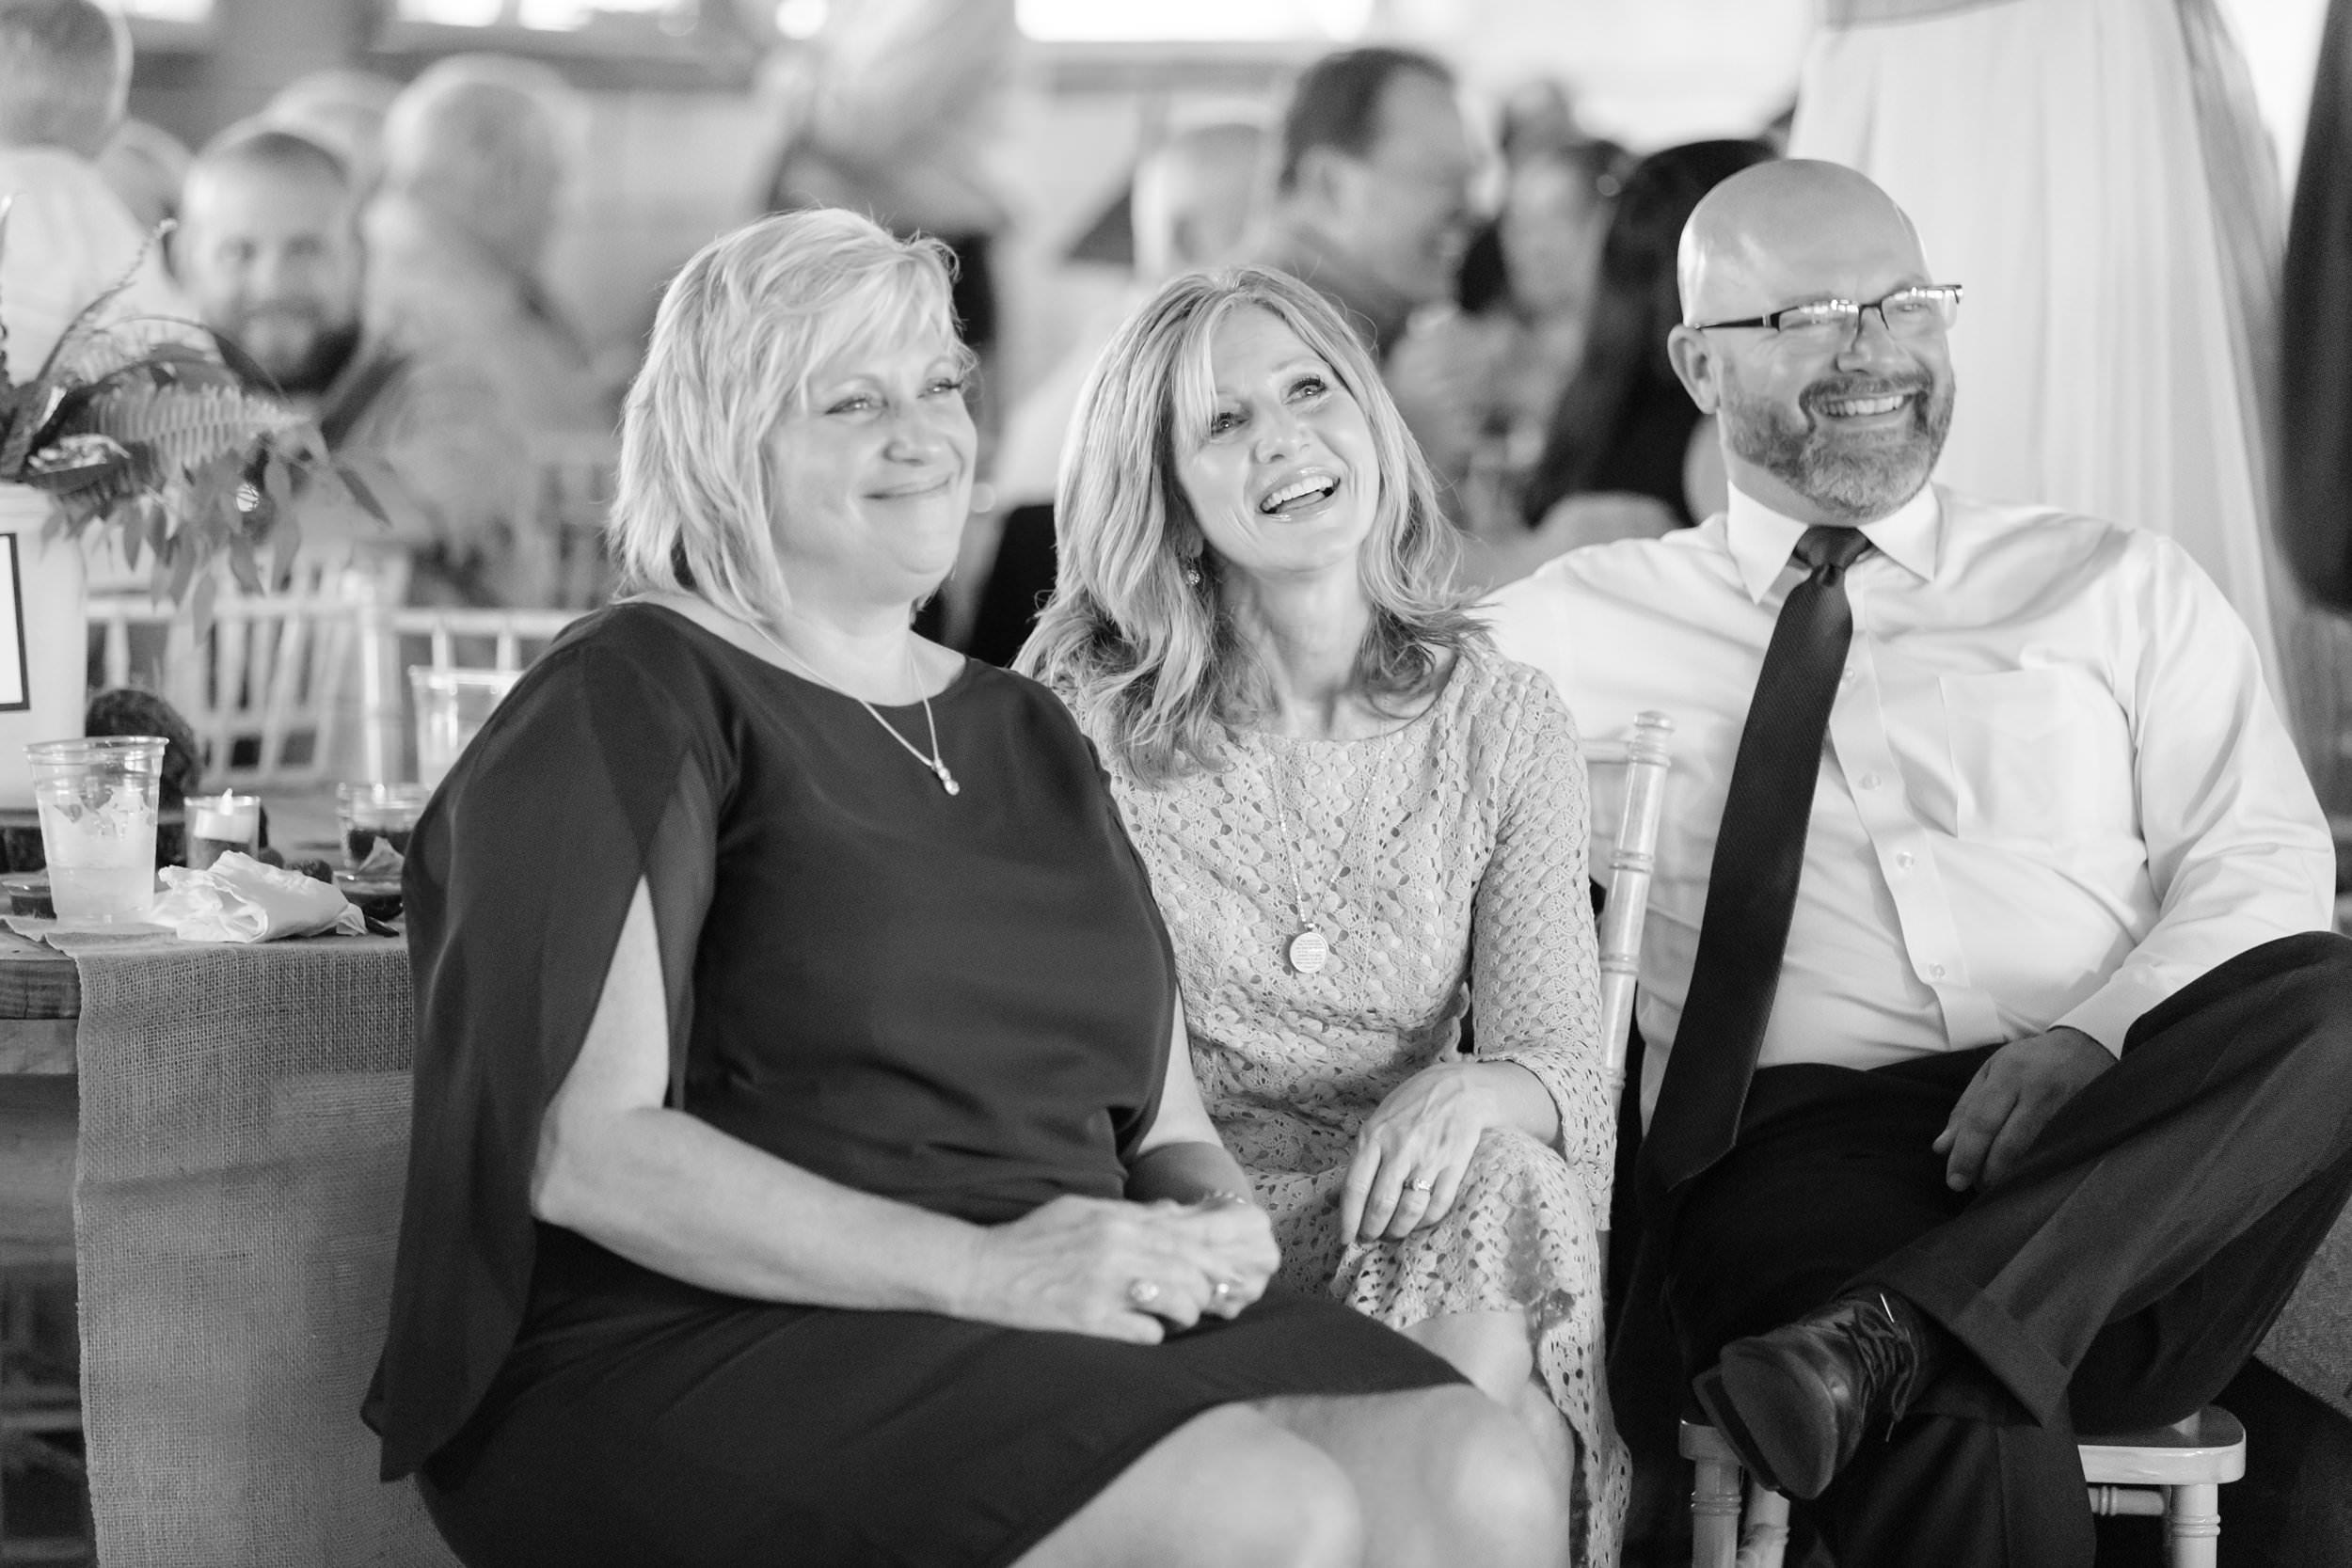 Abby-Manor-Events-Wedding-Photos52.jpg